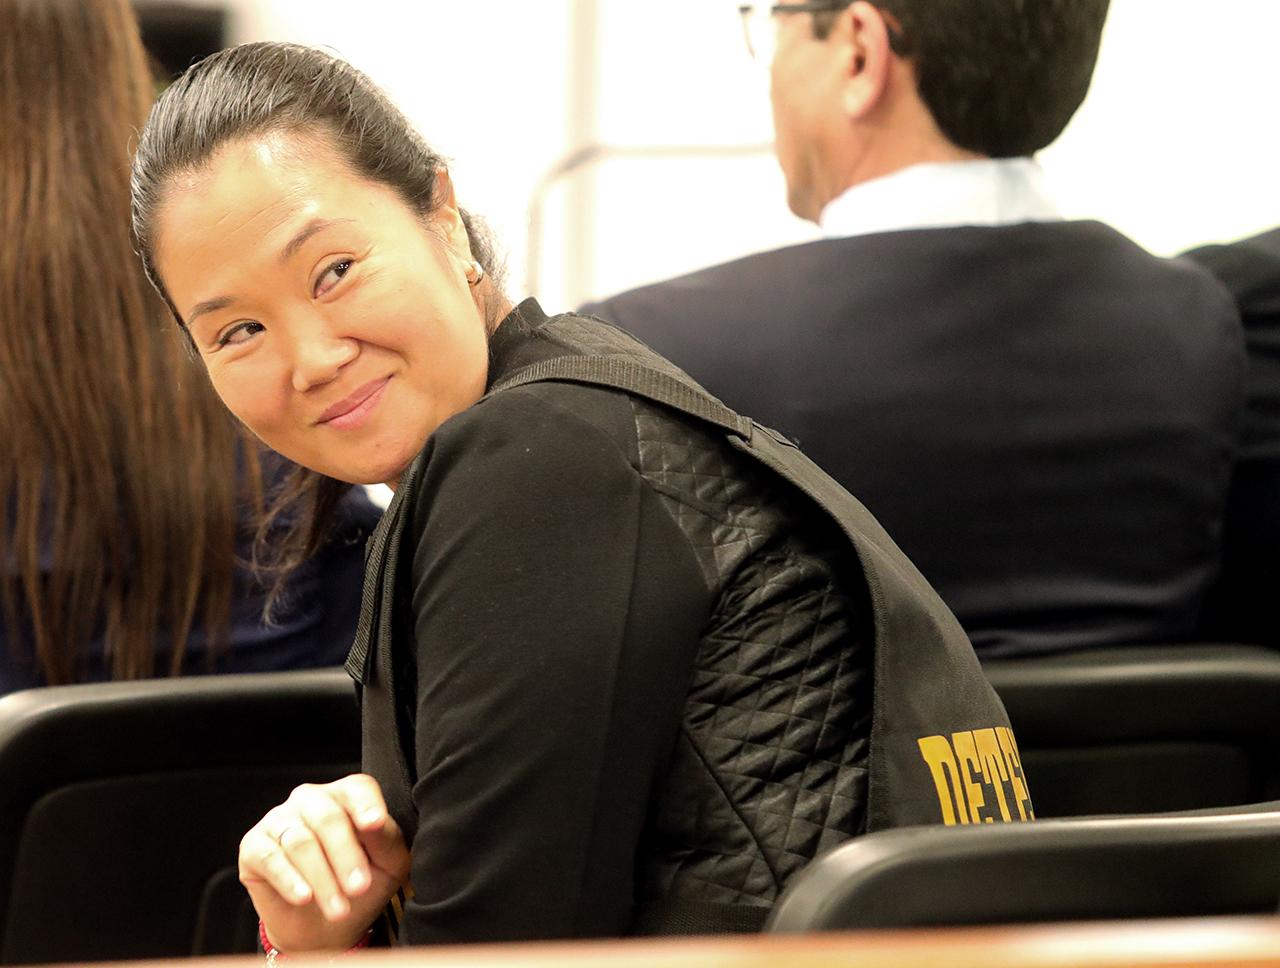 En foto: la líder opositora peruana Keiko Fujimori.